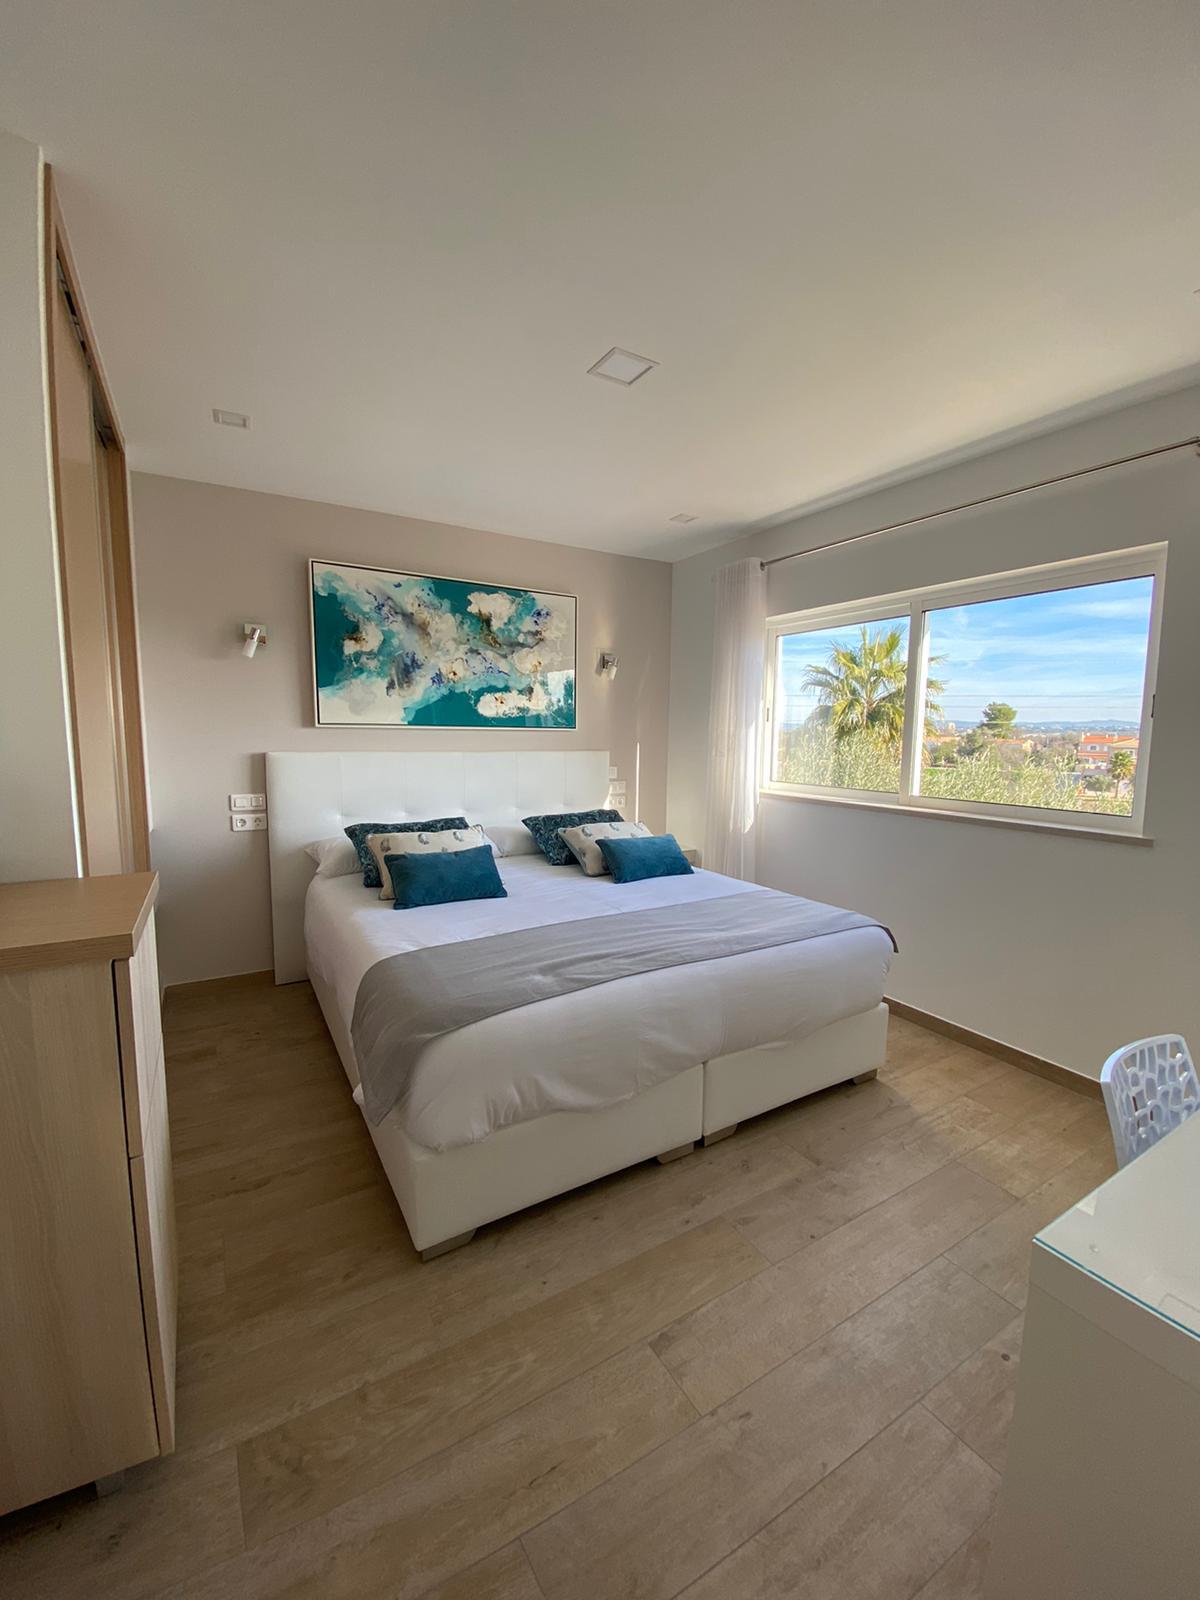 Location appartements et villas de vacance, Villa L'Estaque , chambres d'hôtes à Armação de Pêra, Portugal Algarve, REF_IMG_15648_15651